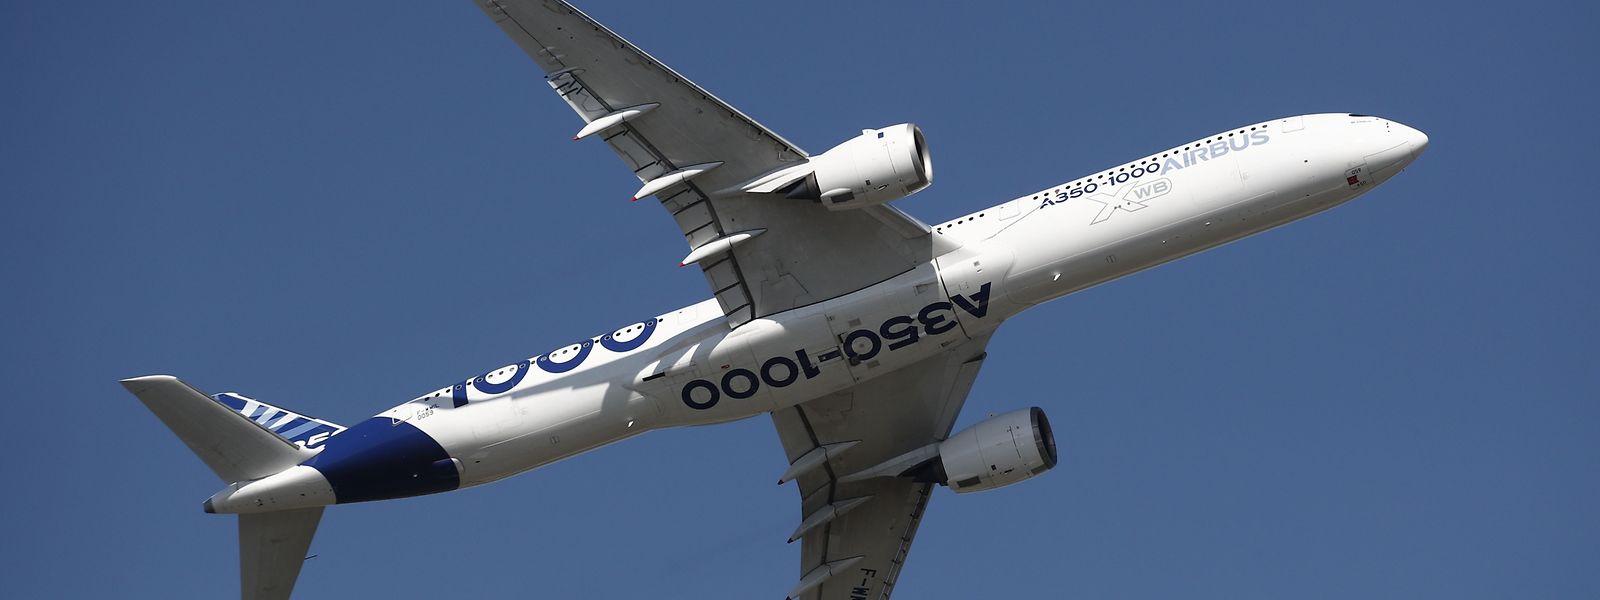 Der Airbus A350-1000 überflog während der Eröffnung das Flugfeld.